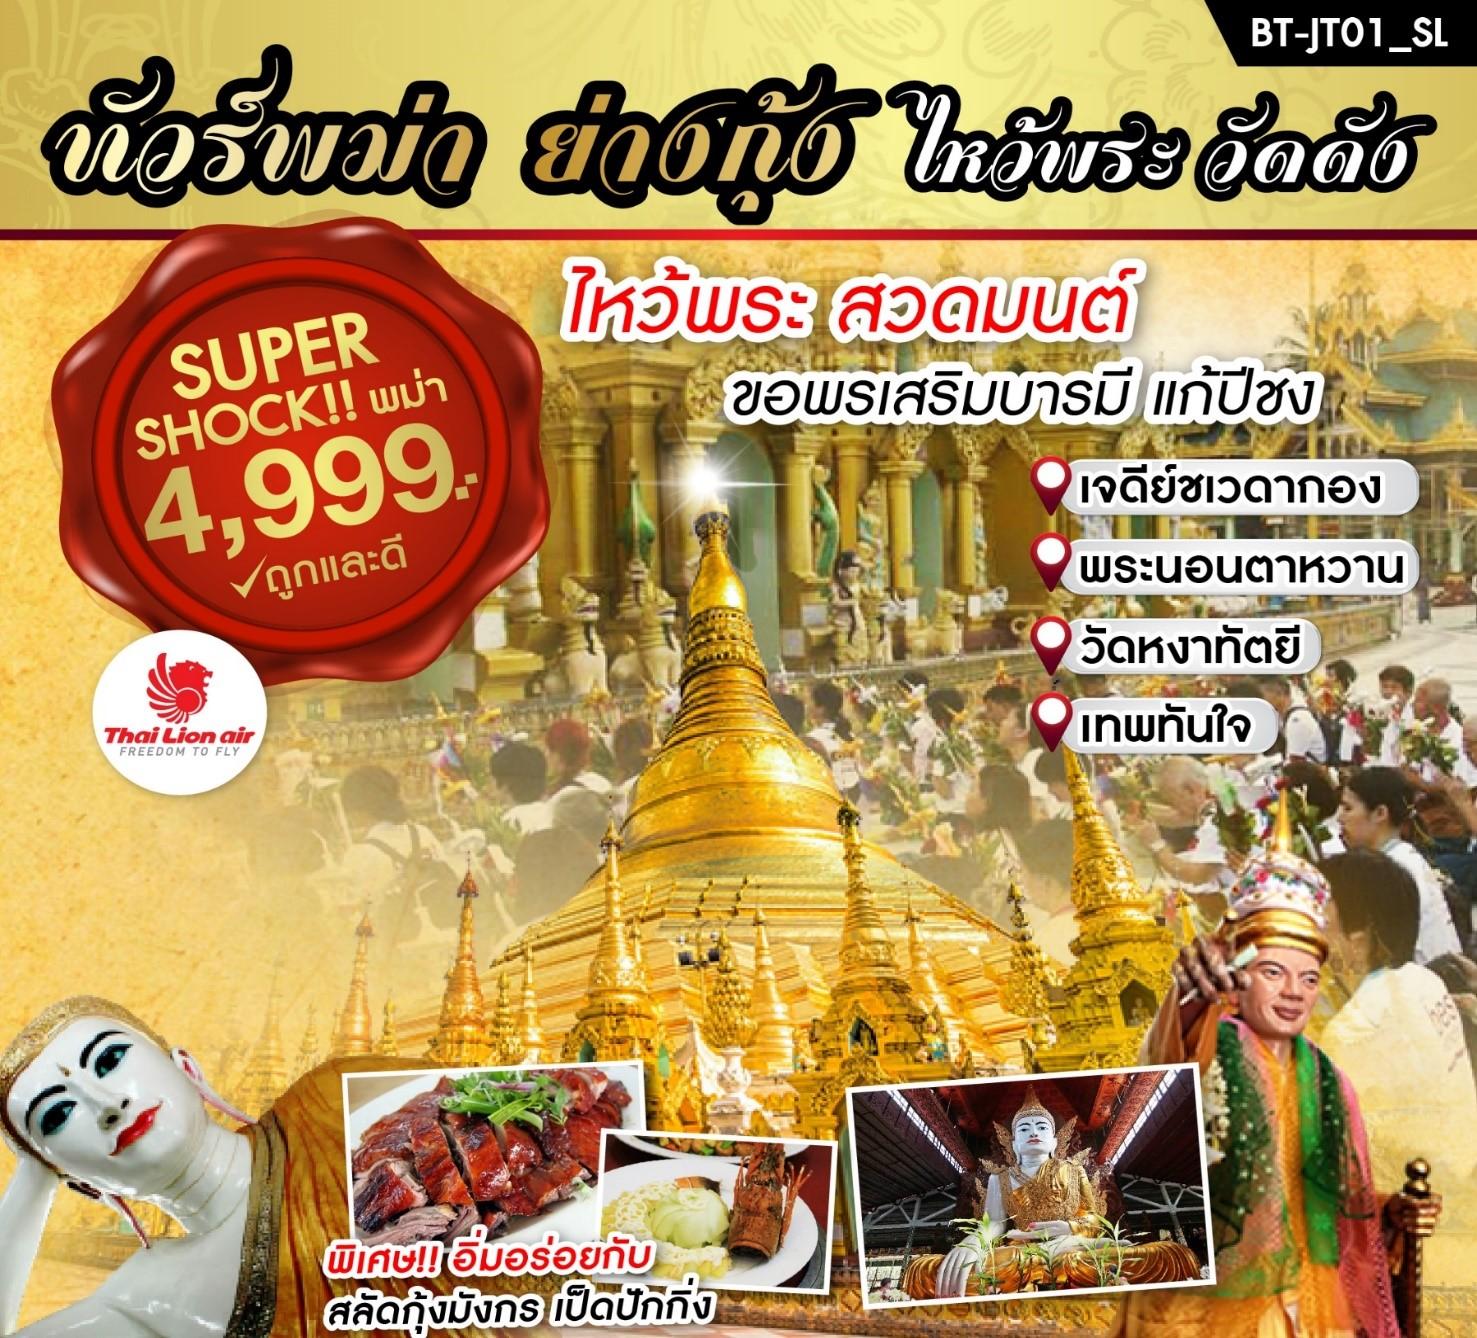 ทัวร์เมียนมาร์-Super-Shock-พม่า-ไหว้พระ-5-วัดดัง-1-วัน-(MAR19)-JT01